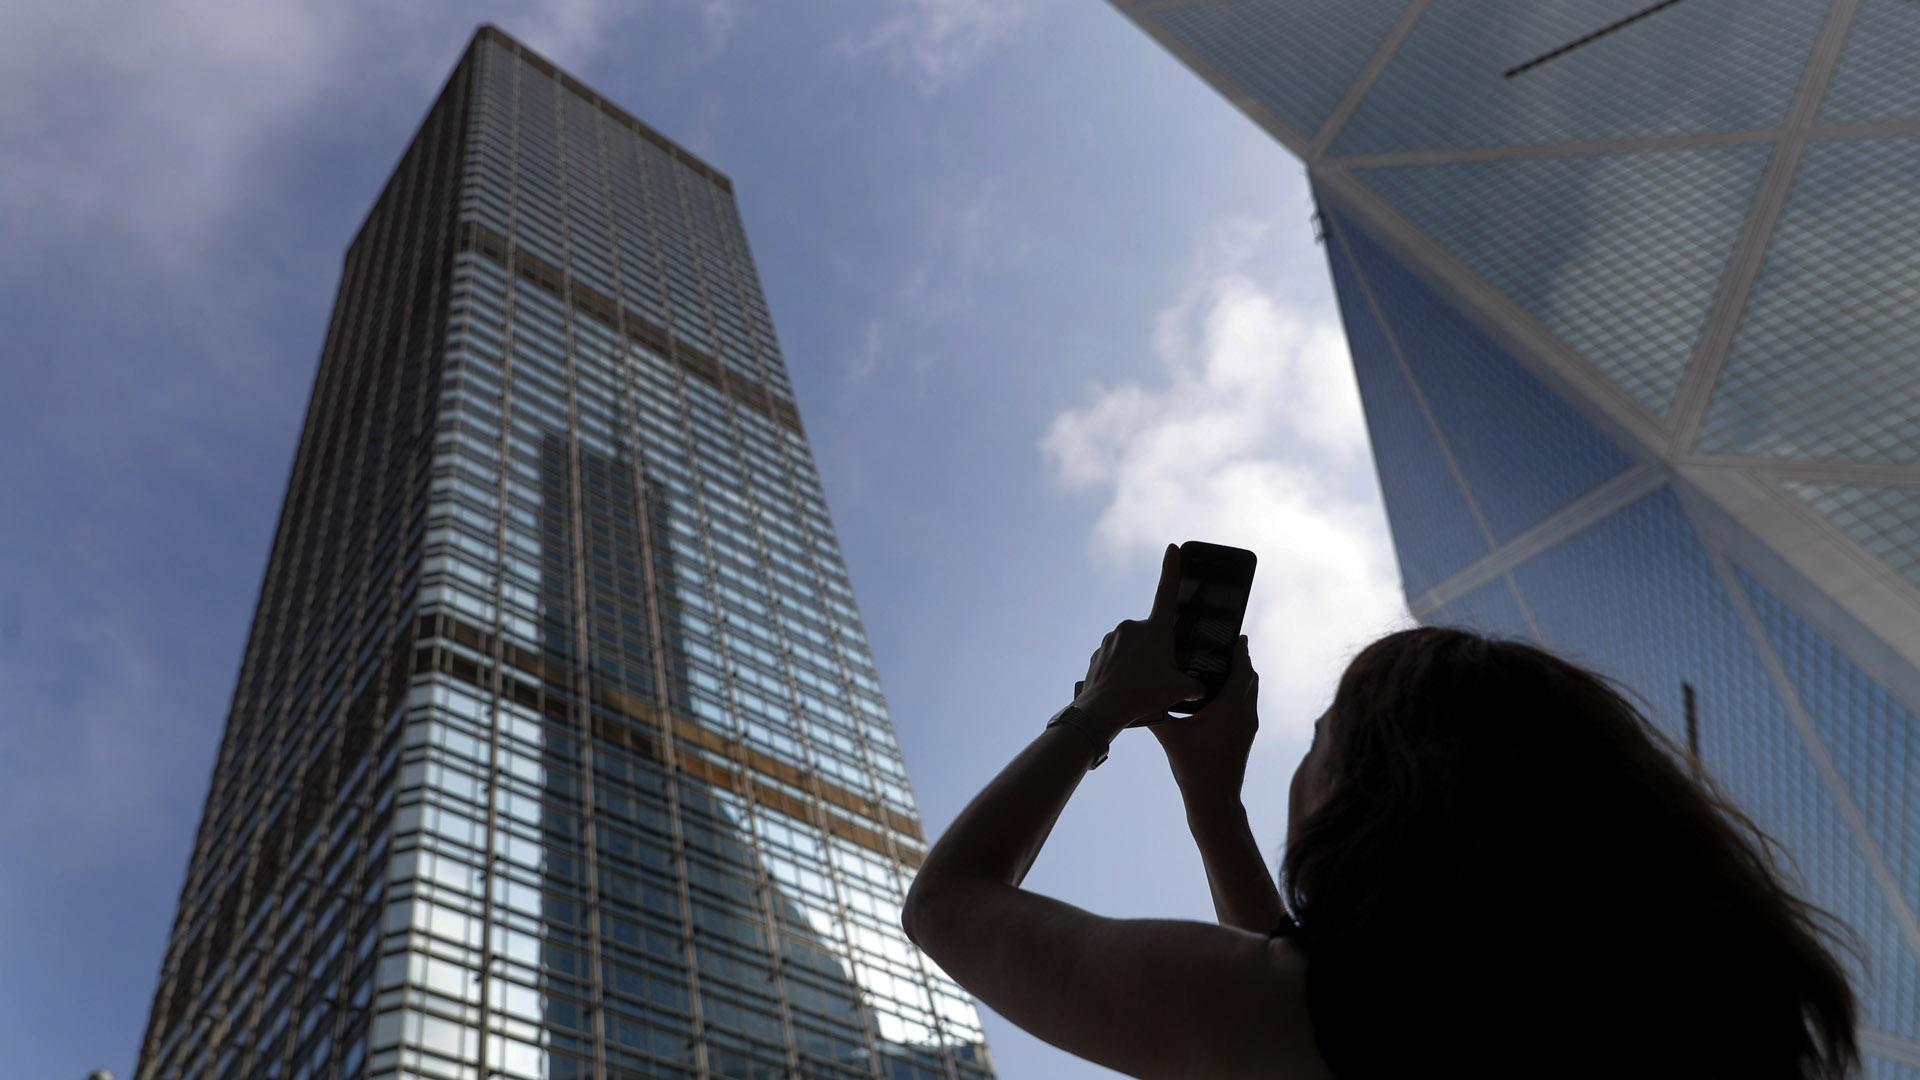 """""""Spiderman"""" escaló este edificio y las imágenes son impactantes"""